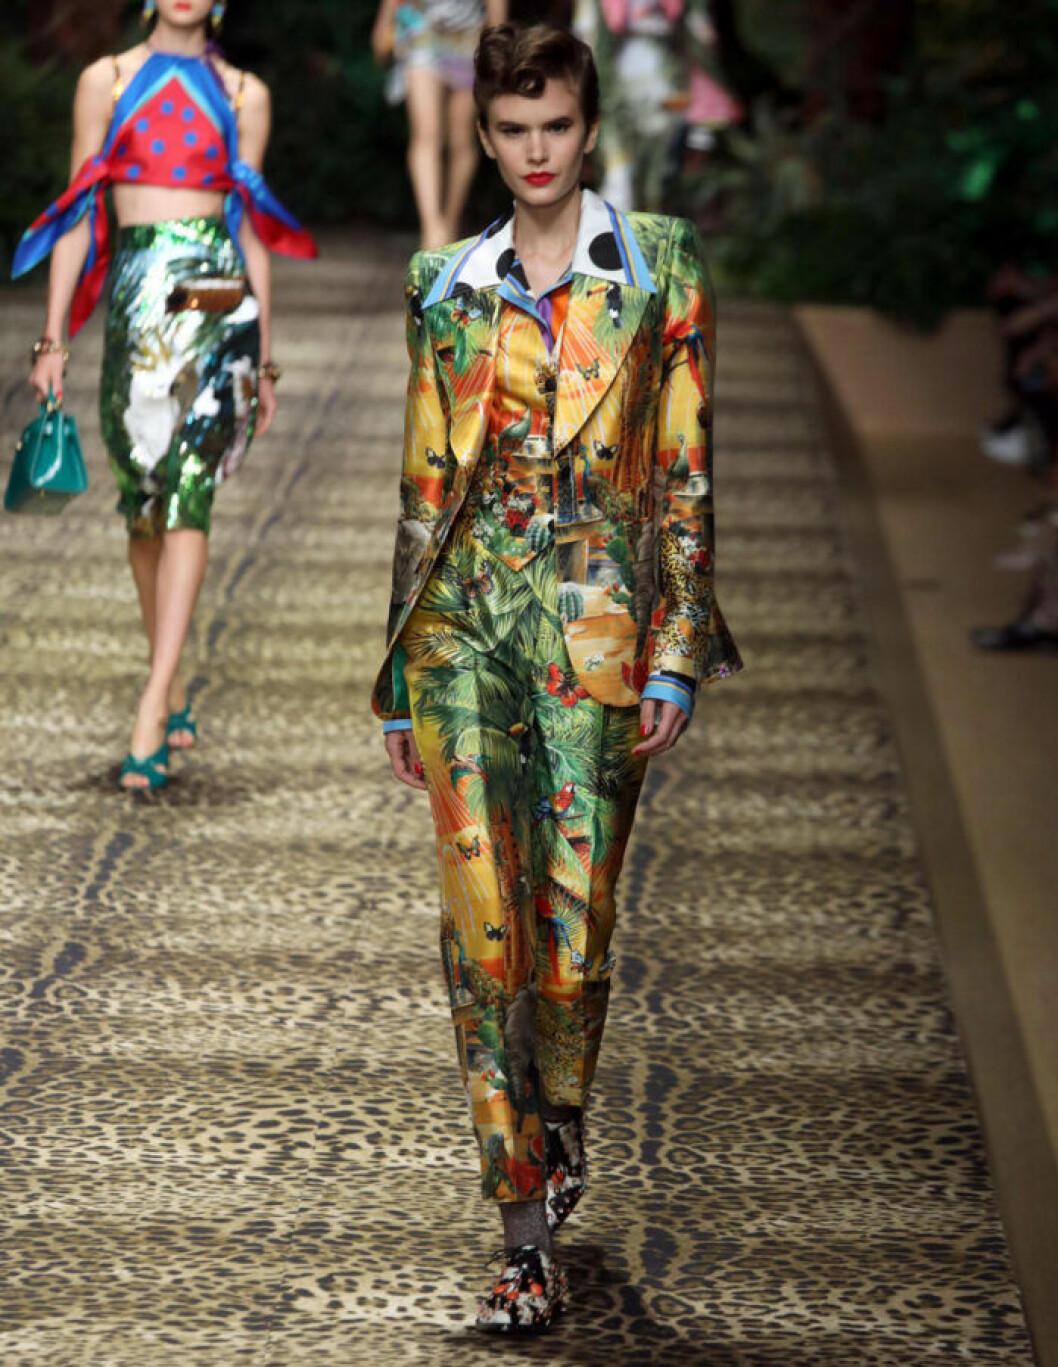 Trender våren 2020 Dolce&Gabbana tropiskt mönster